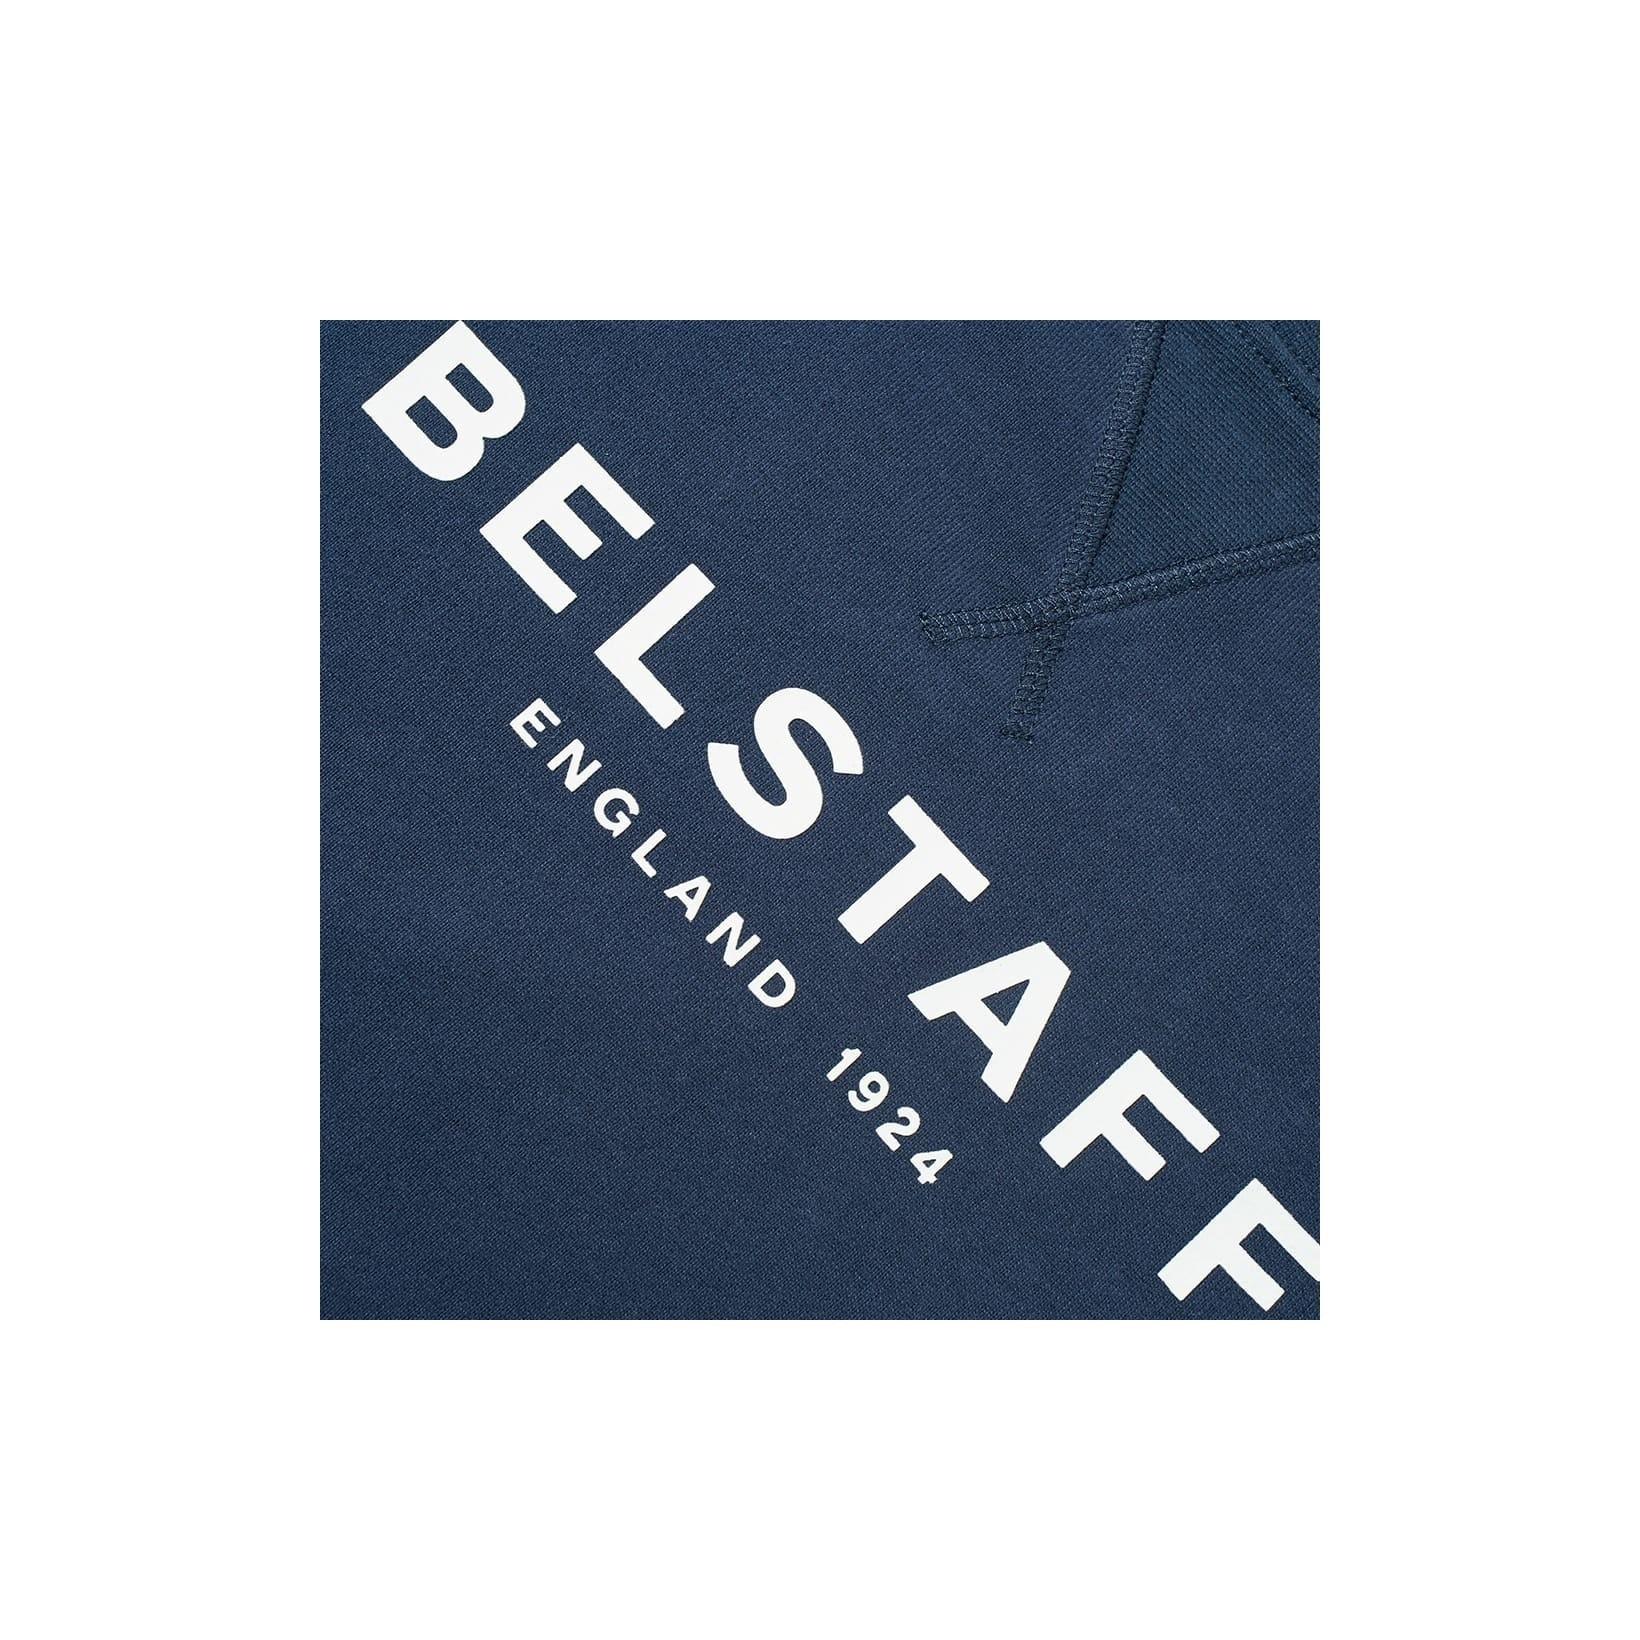 Prestigio Adecuado Descenso repentino  Belstaff 1924 Printed Logo Sweatshirt Navy